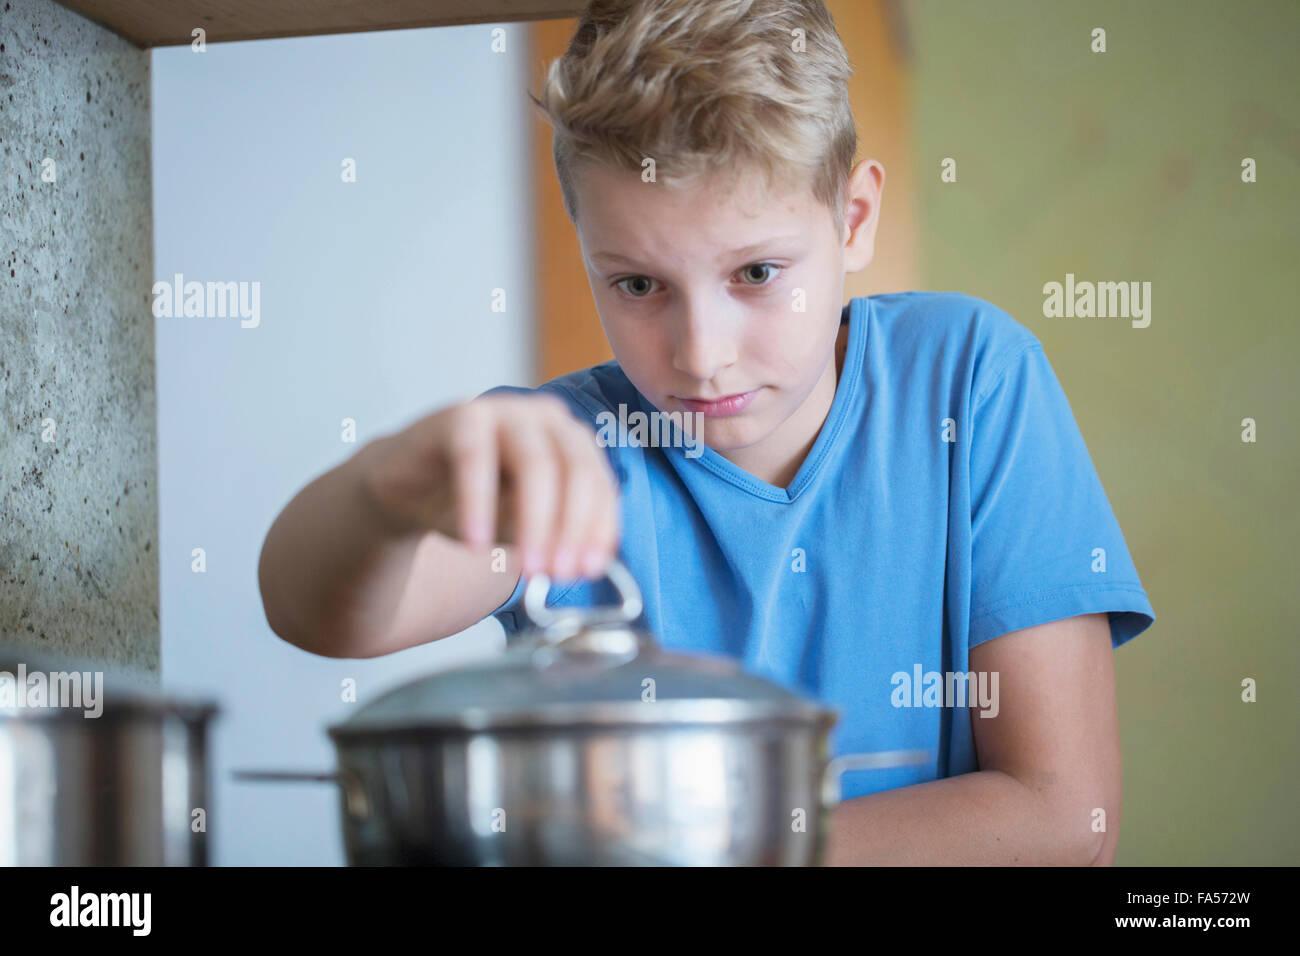 Tapa de apertura muchacho de sartén cuidadosamente, Friburgo de Brisgovia, Baden-Wurtemberg, Alemania Imagen De Stock